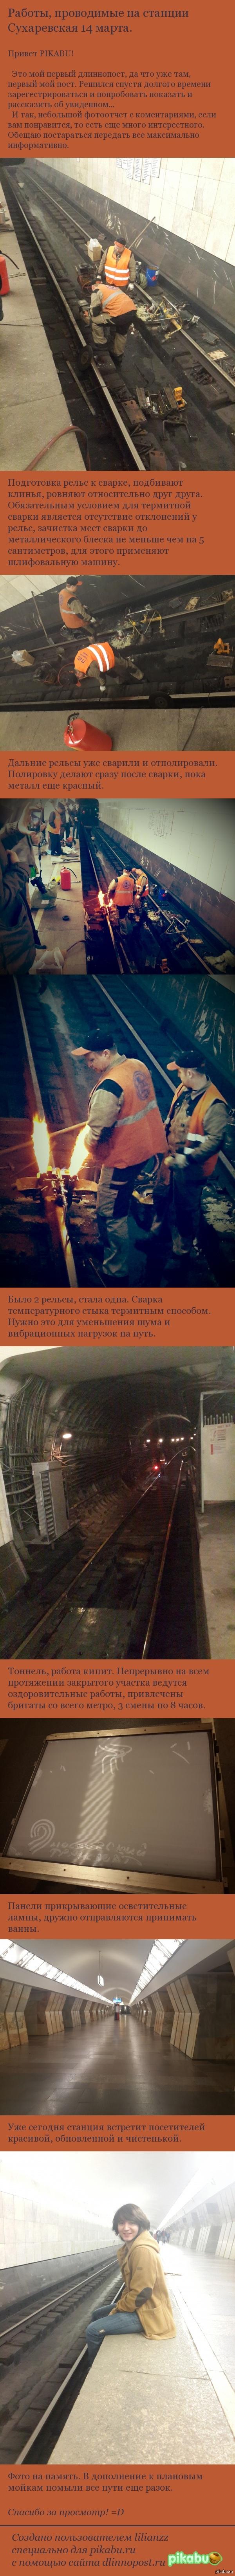 Работы на станции Сухаревская